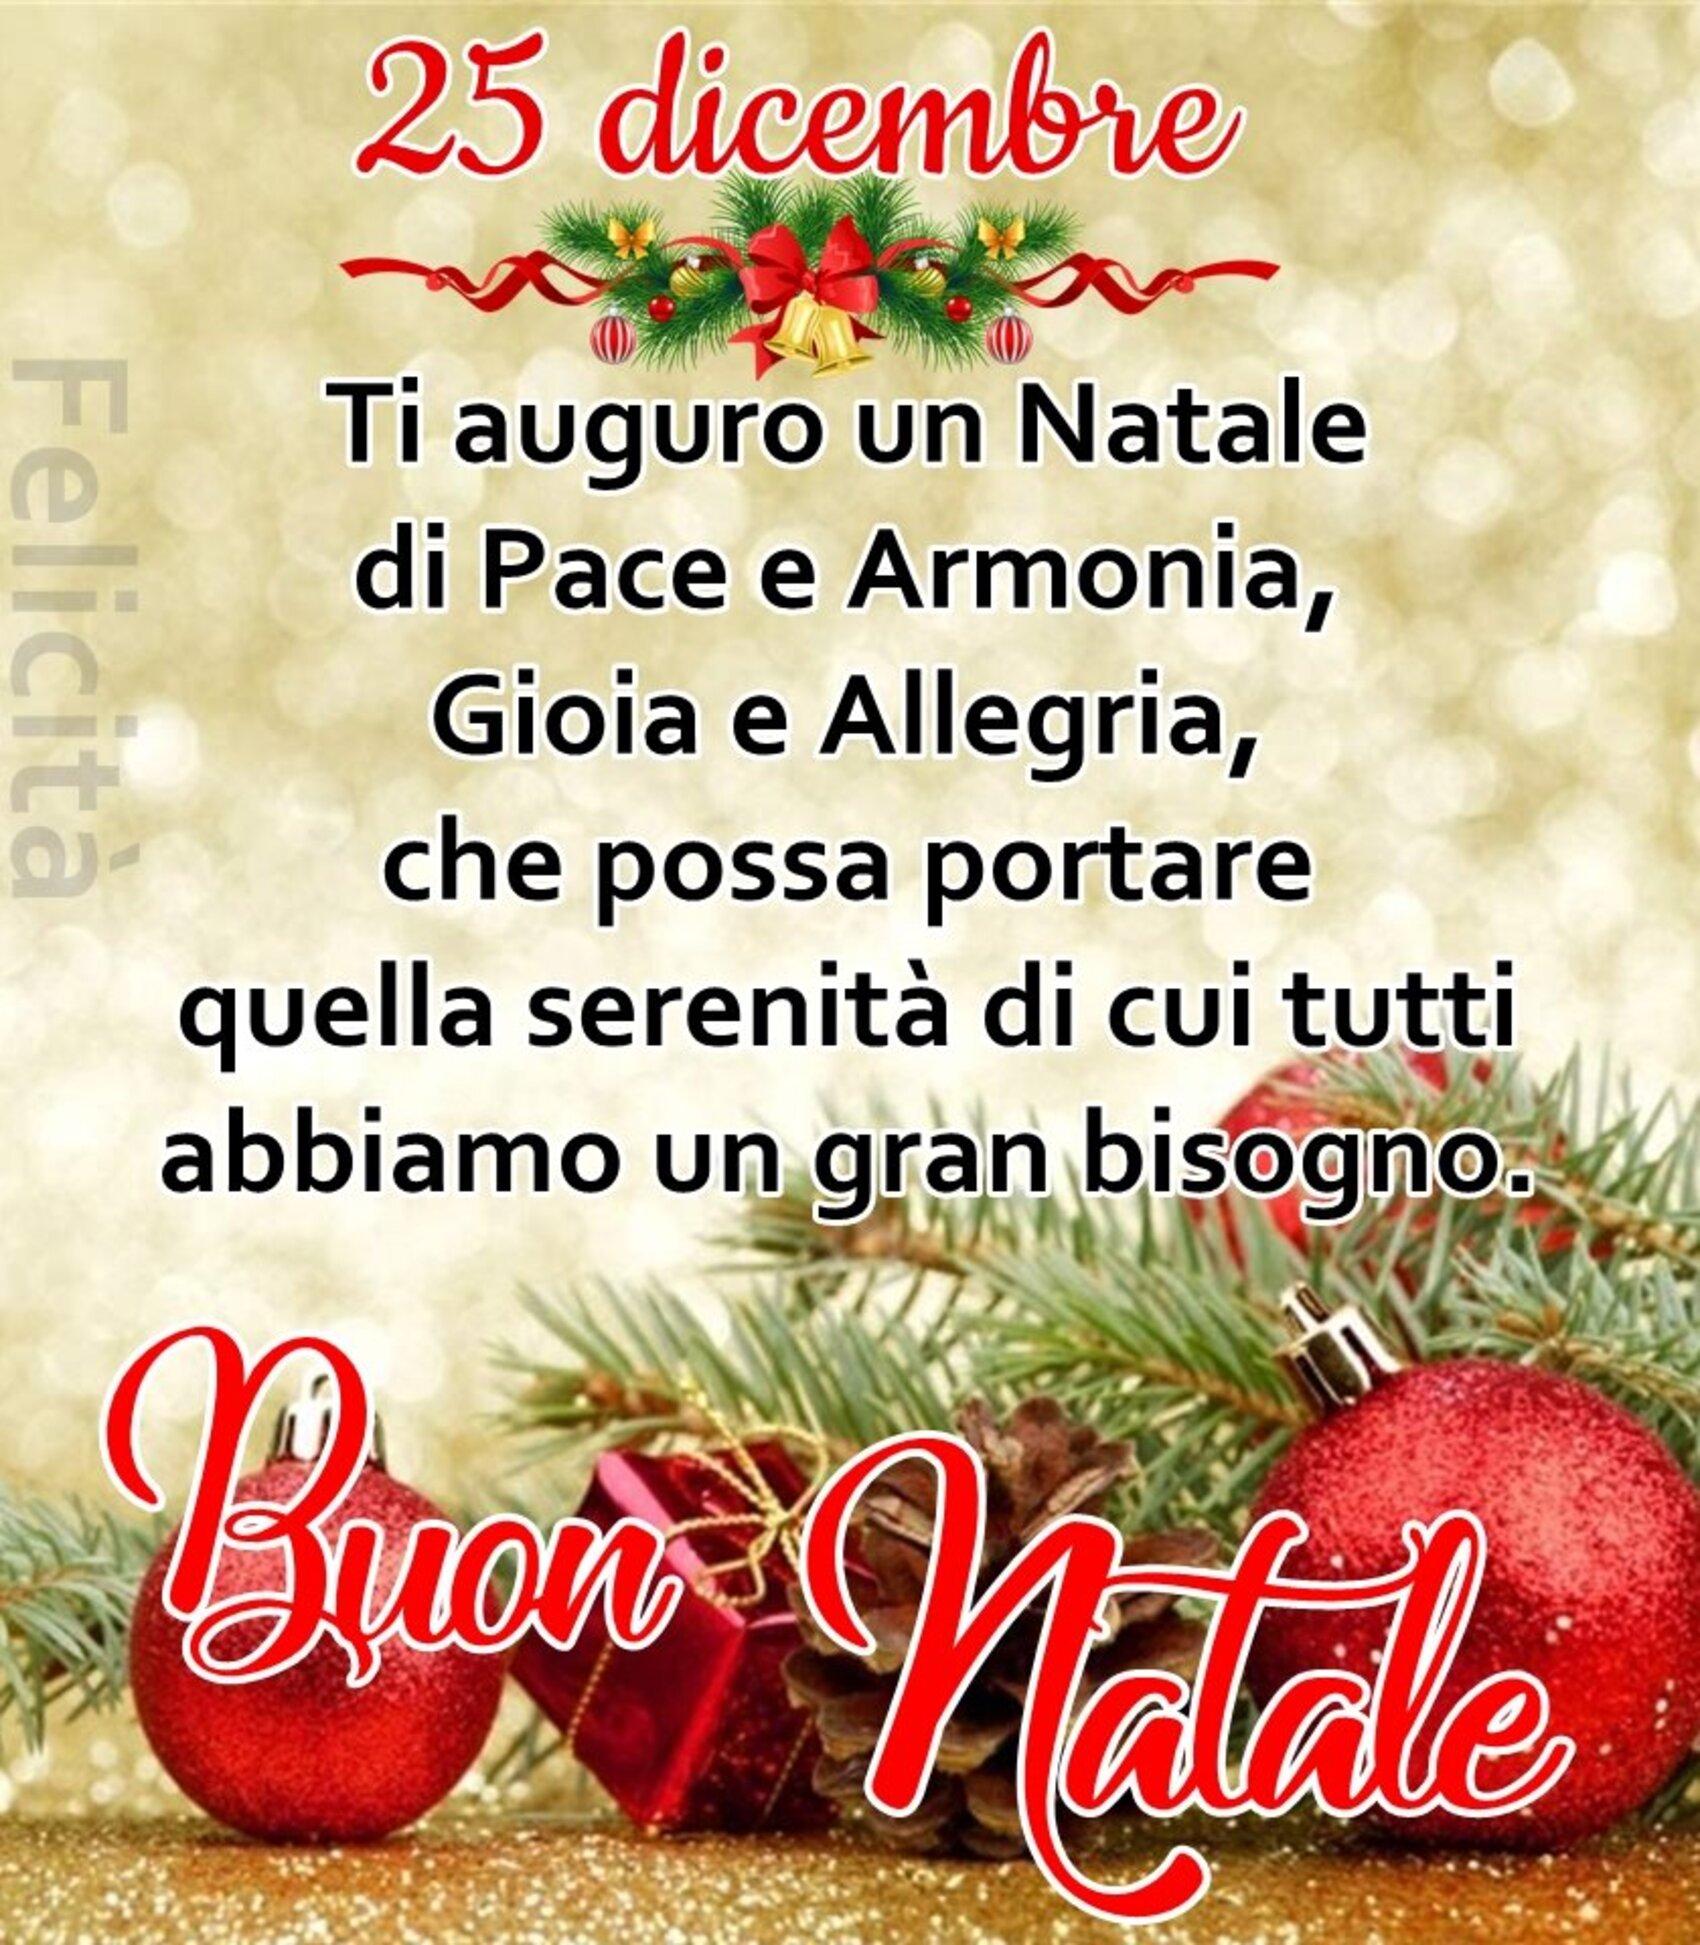 25 Dicembre Buon Natale